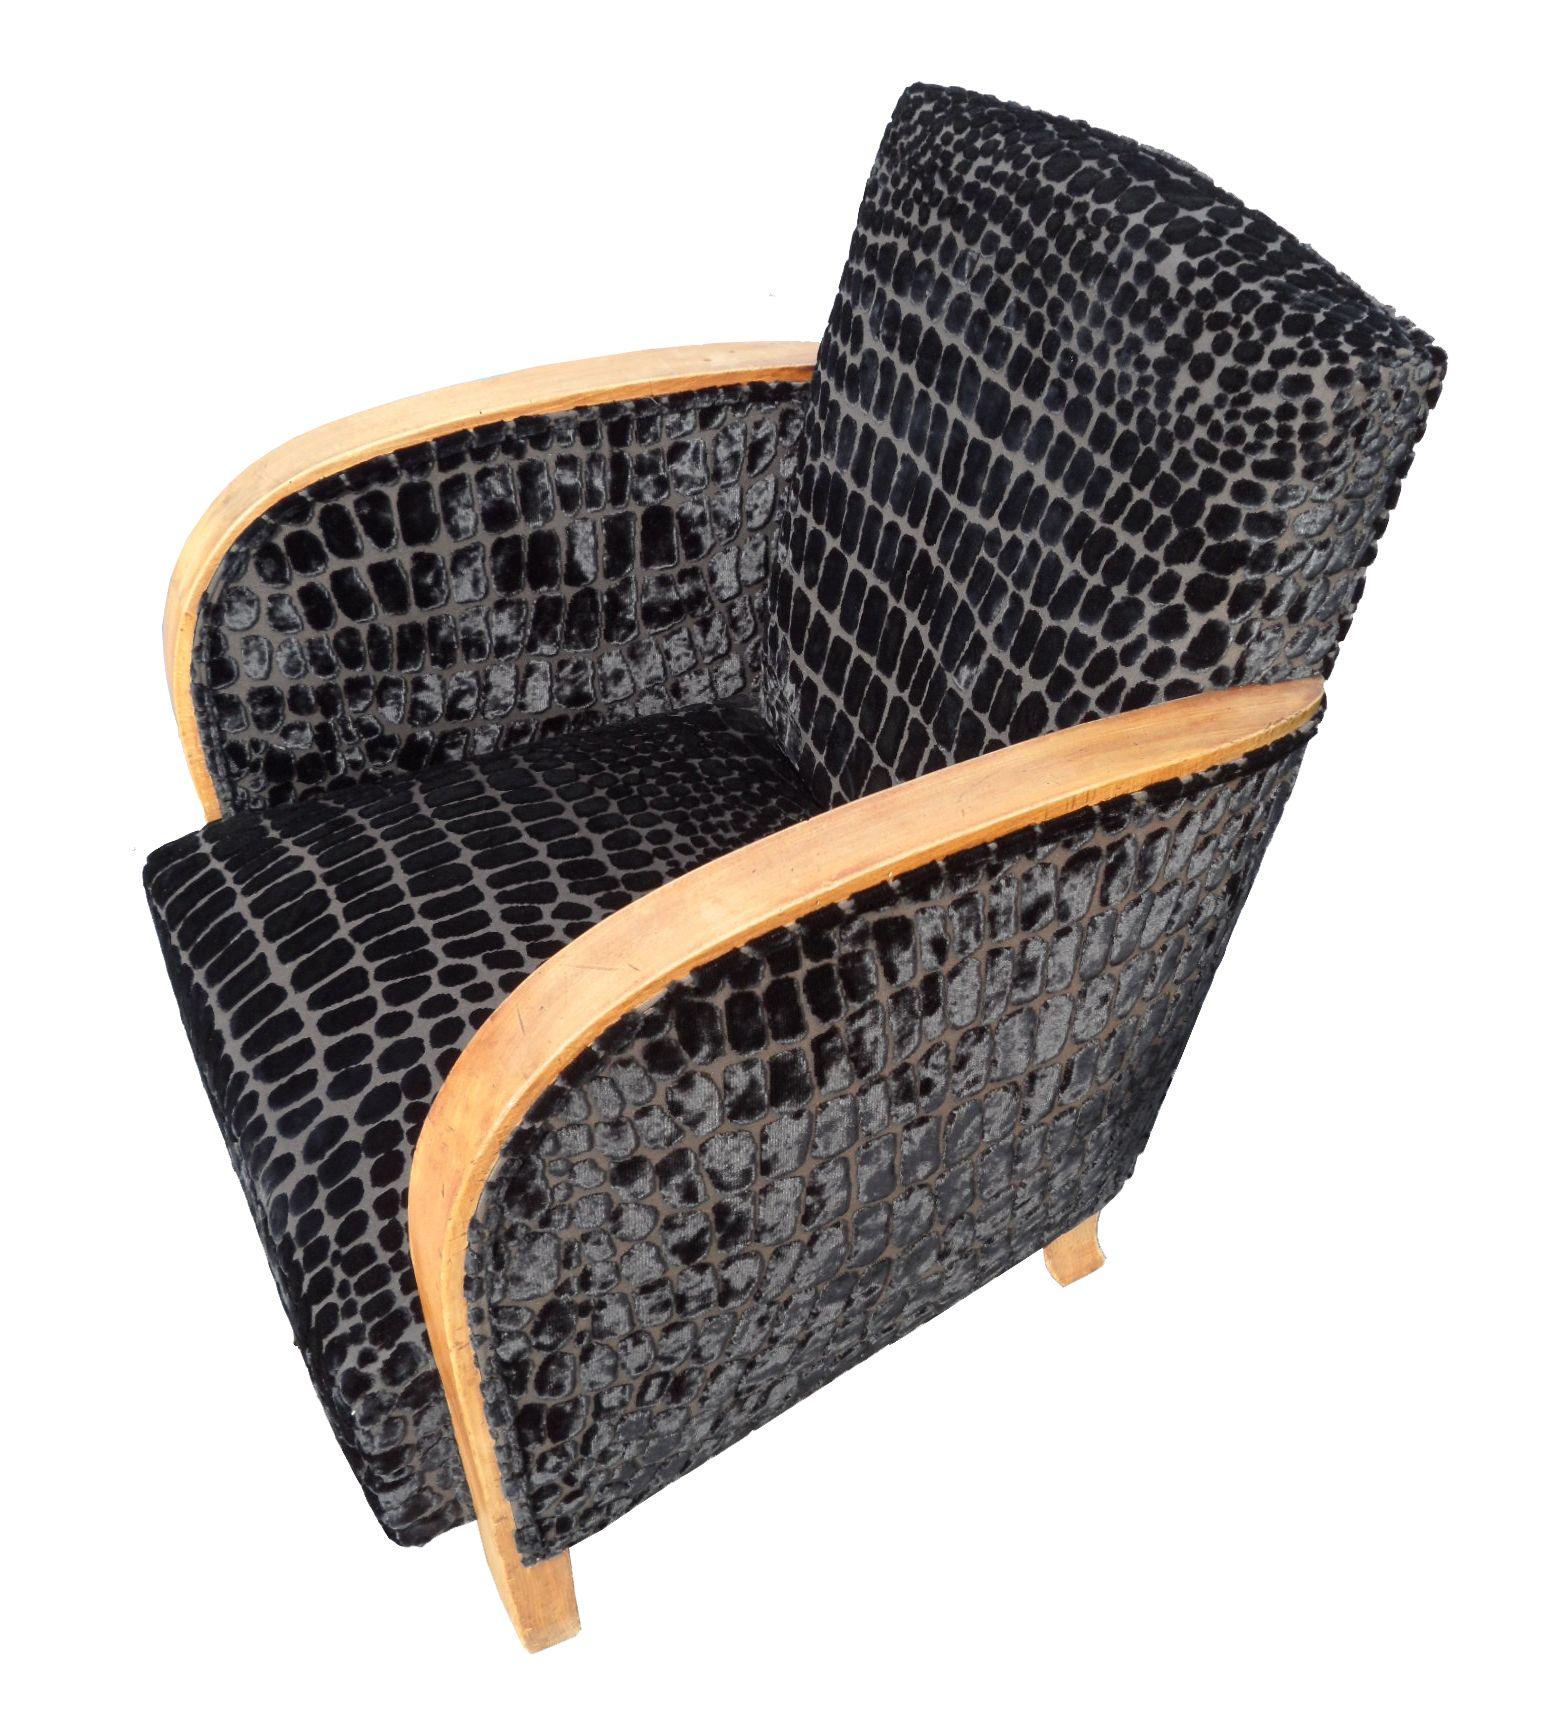 fauteuil ann es 30 fauteuil pinterest fauteuil club ann es 30 et fauteuils. Black Bedroom Furniture Sets. Home Design Ideas